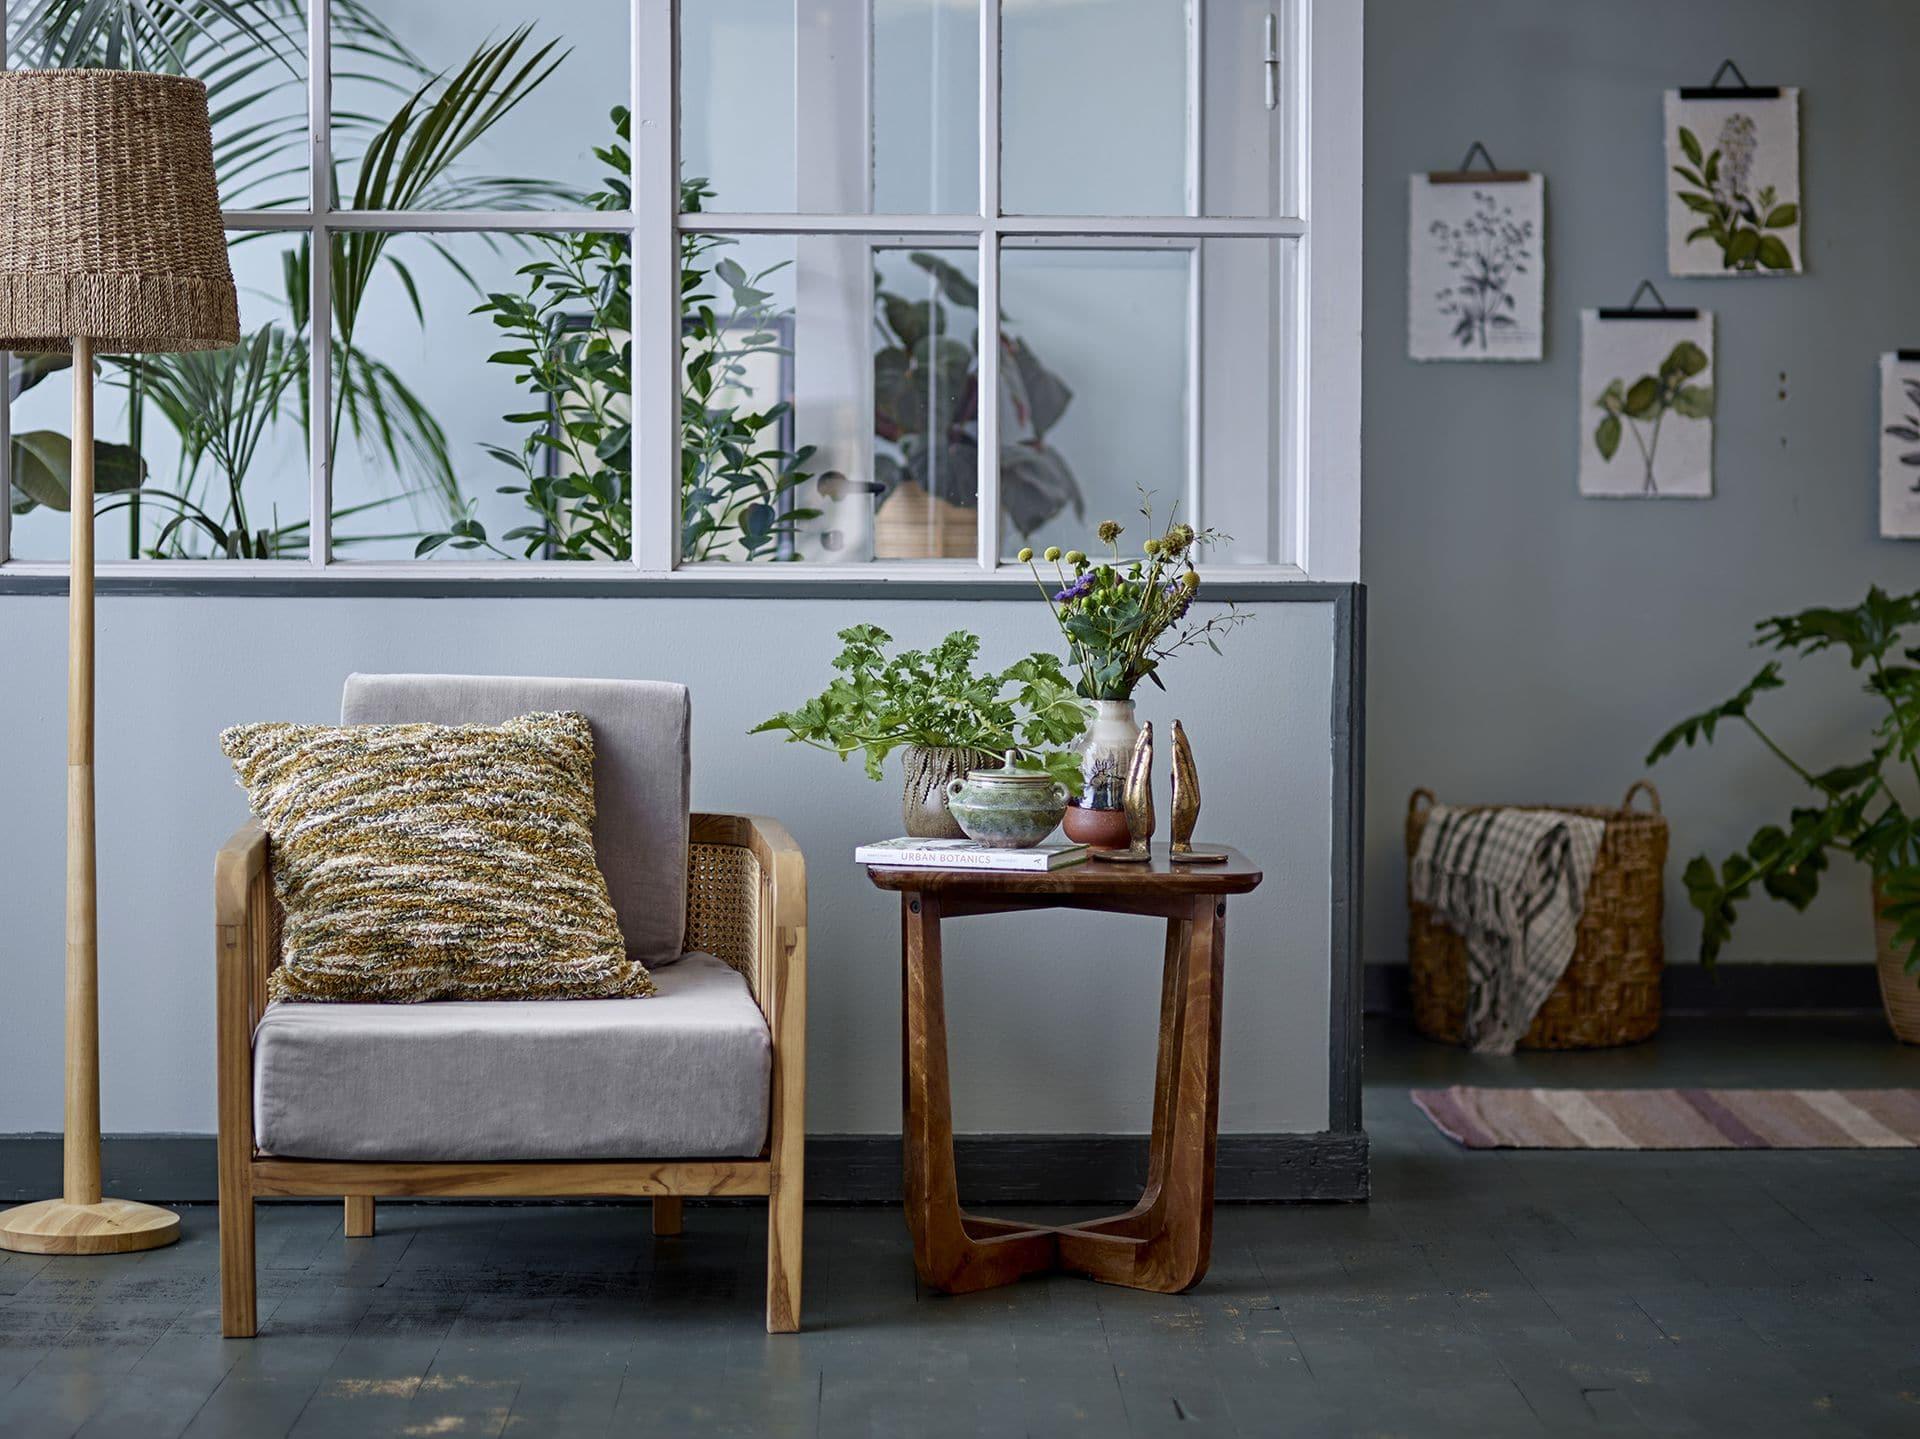 Bloomingville - Bloomingville – Felucca Lounge-Sessel, Grün aus Teakholz - L81,5xH58,5xW71 cm